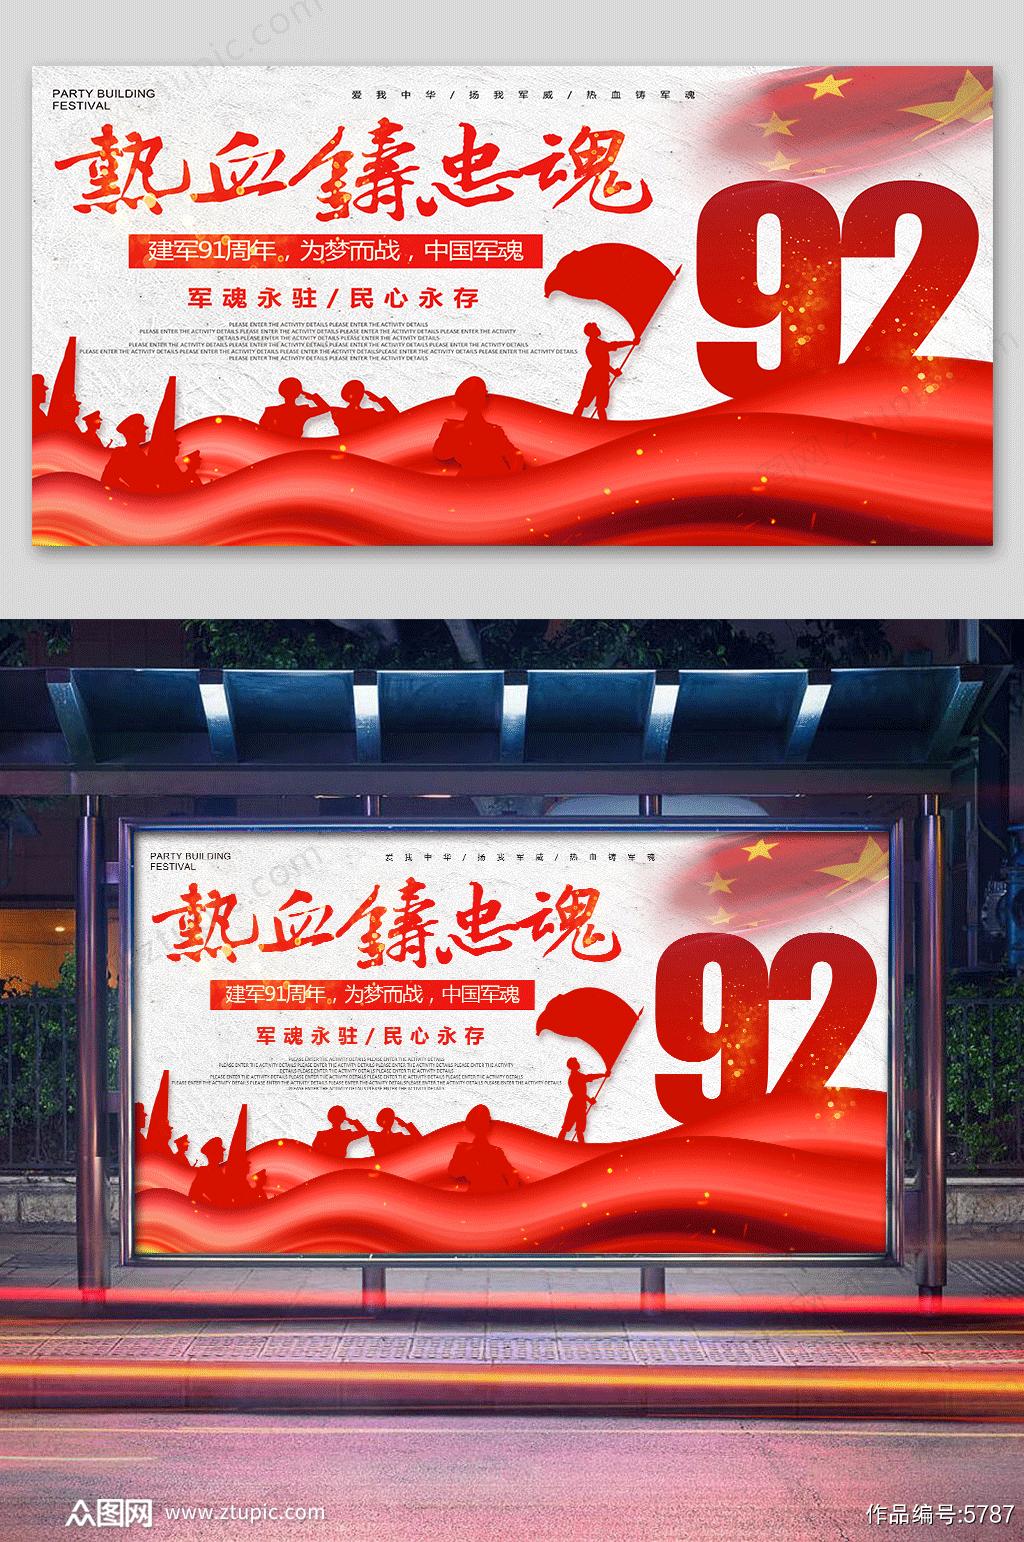 原创大气八一建军节海报展板文艺晚会舞台背景宣传设计素材